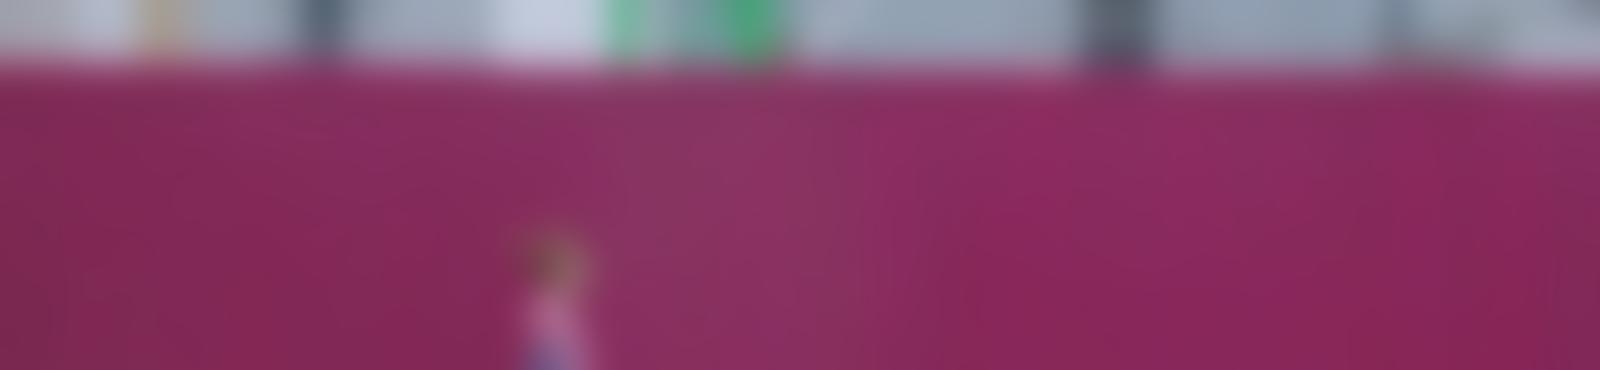 Blurred 9274ea61 8aff 4e87 978f fc476de31f9a